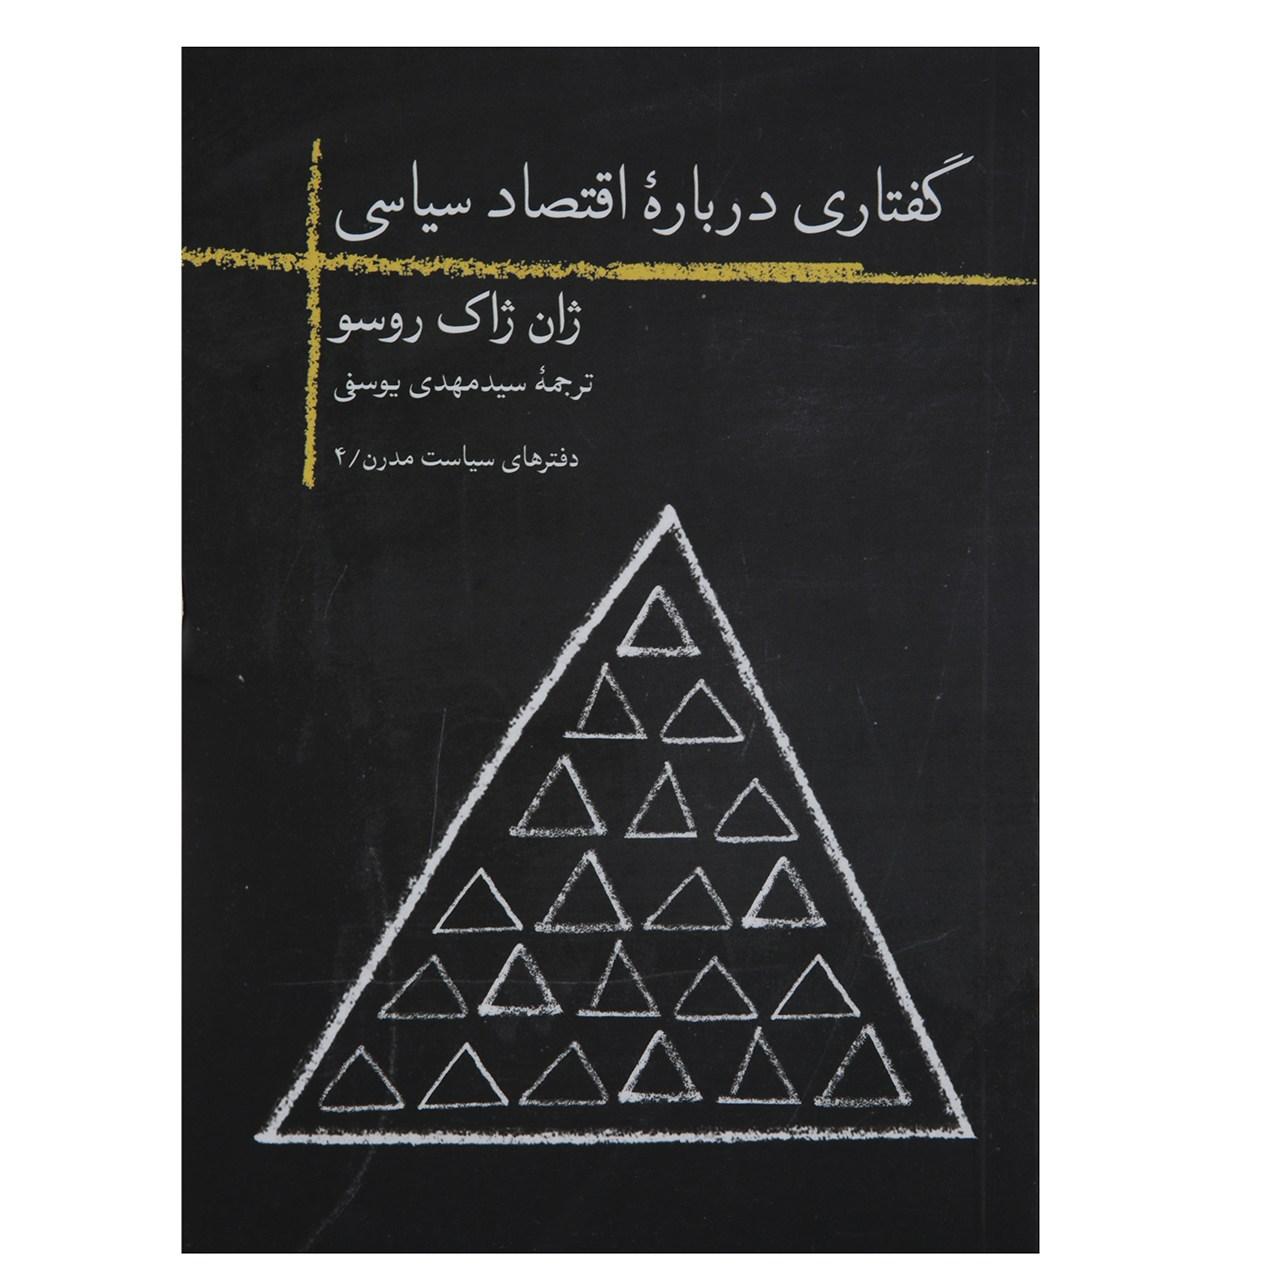 خرید                      کتاب گفتاری درباره  اقتصاد سیاسی اثر ژان ژاک روسو